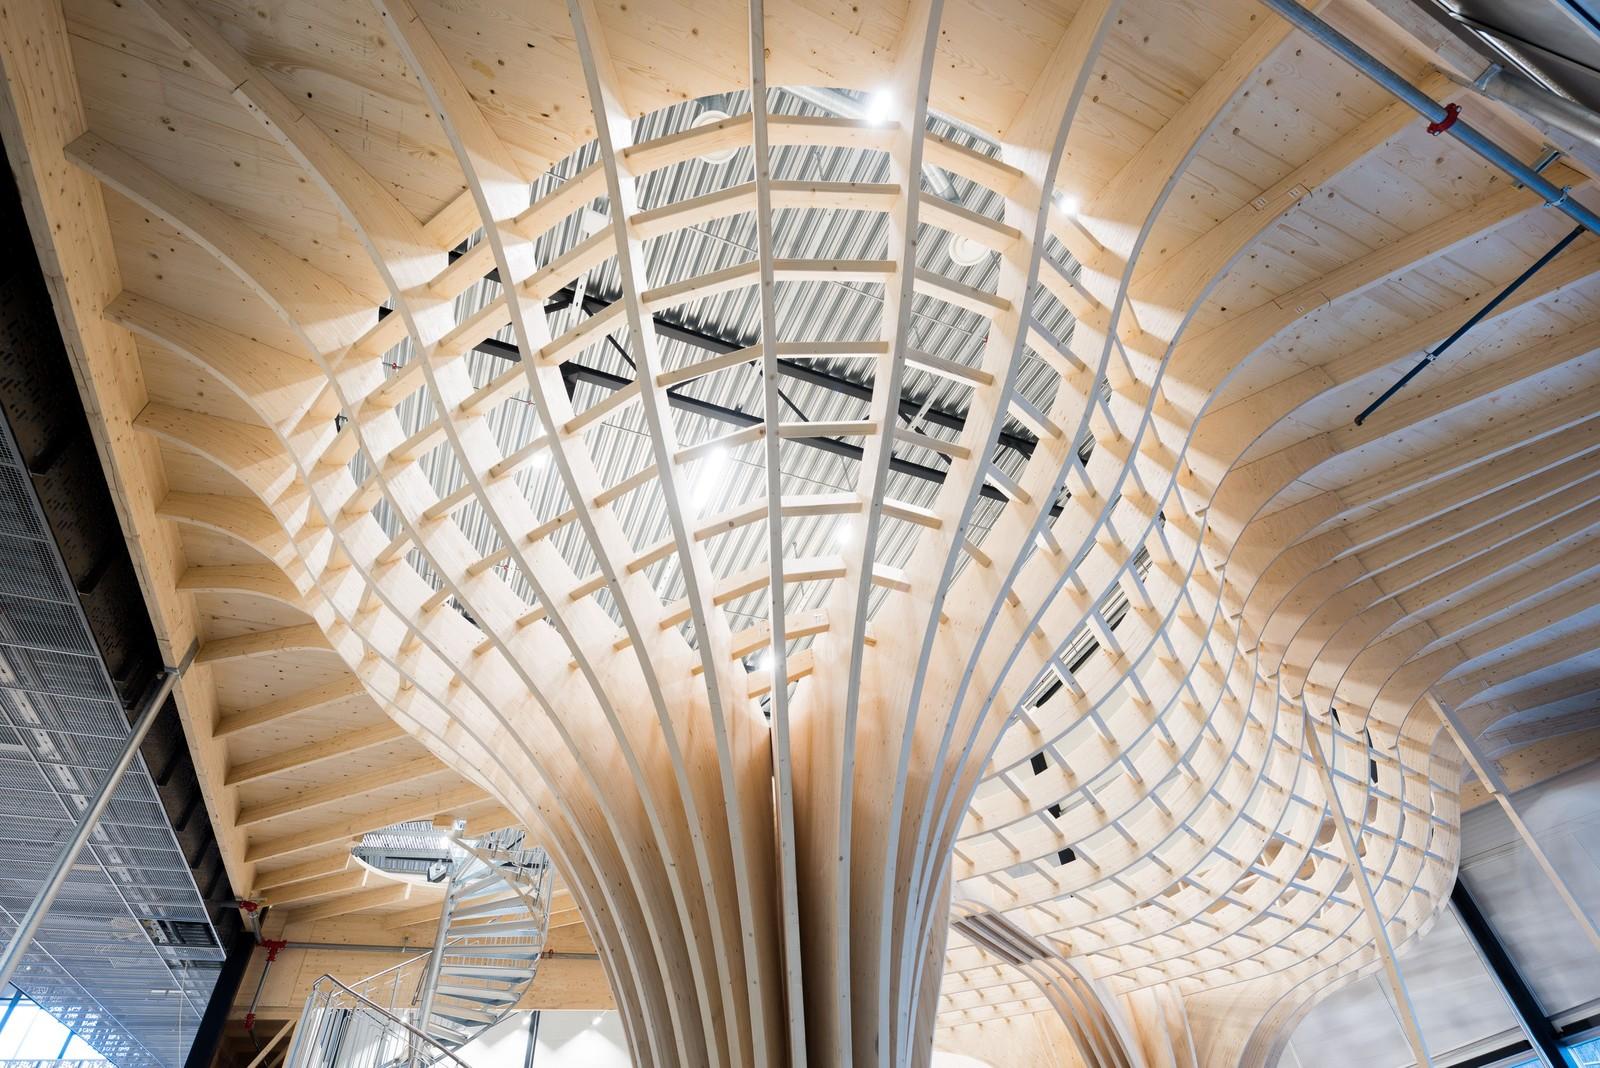 Som en av svært få i verden, rager bowlen opp til 2. etasjes nivå. Konstruksjonen er 5,2 meter høy.